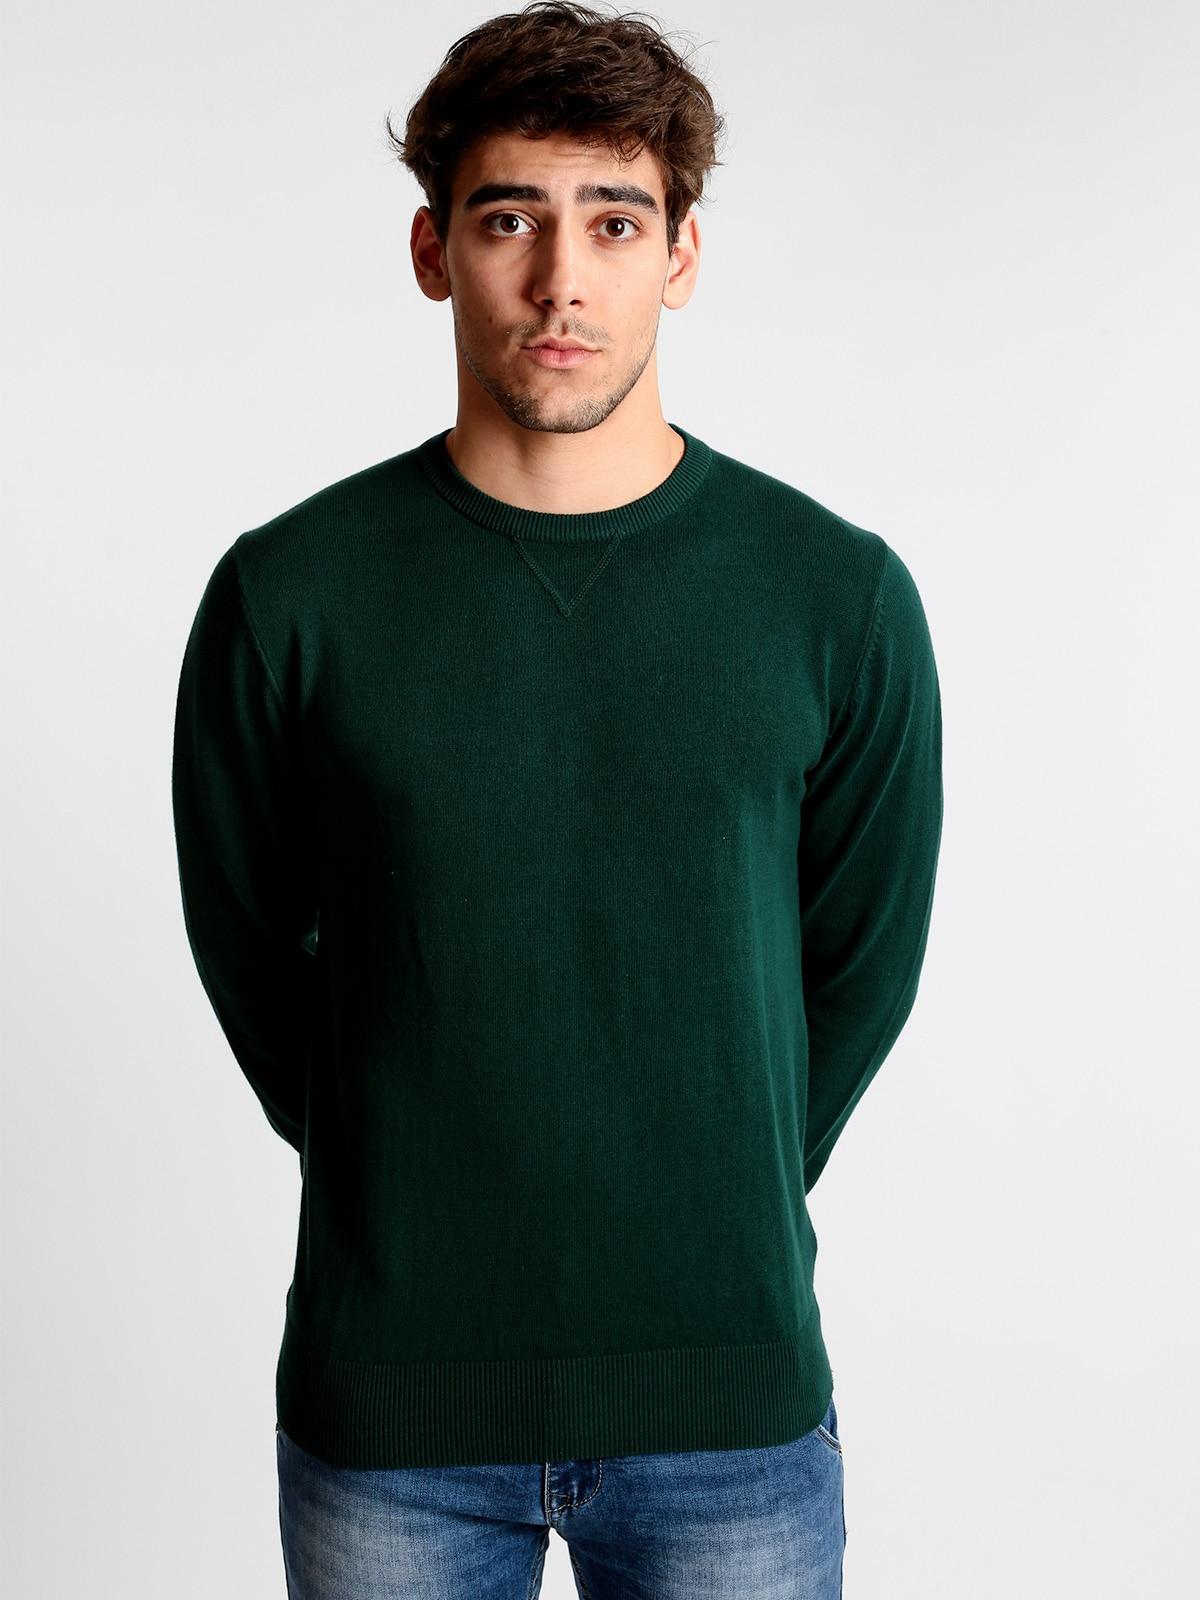 Round Neck Pullover Cotton